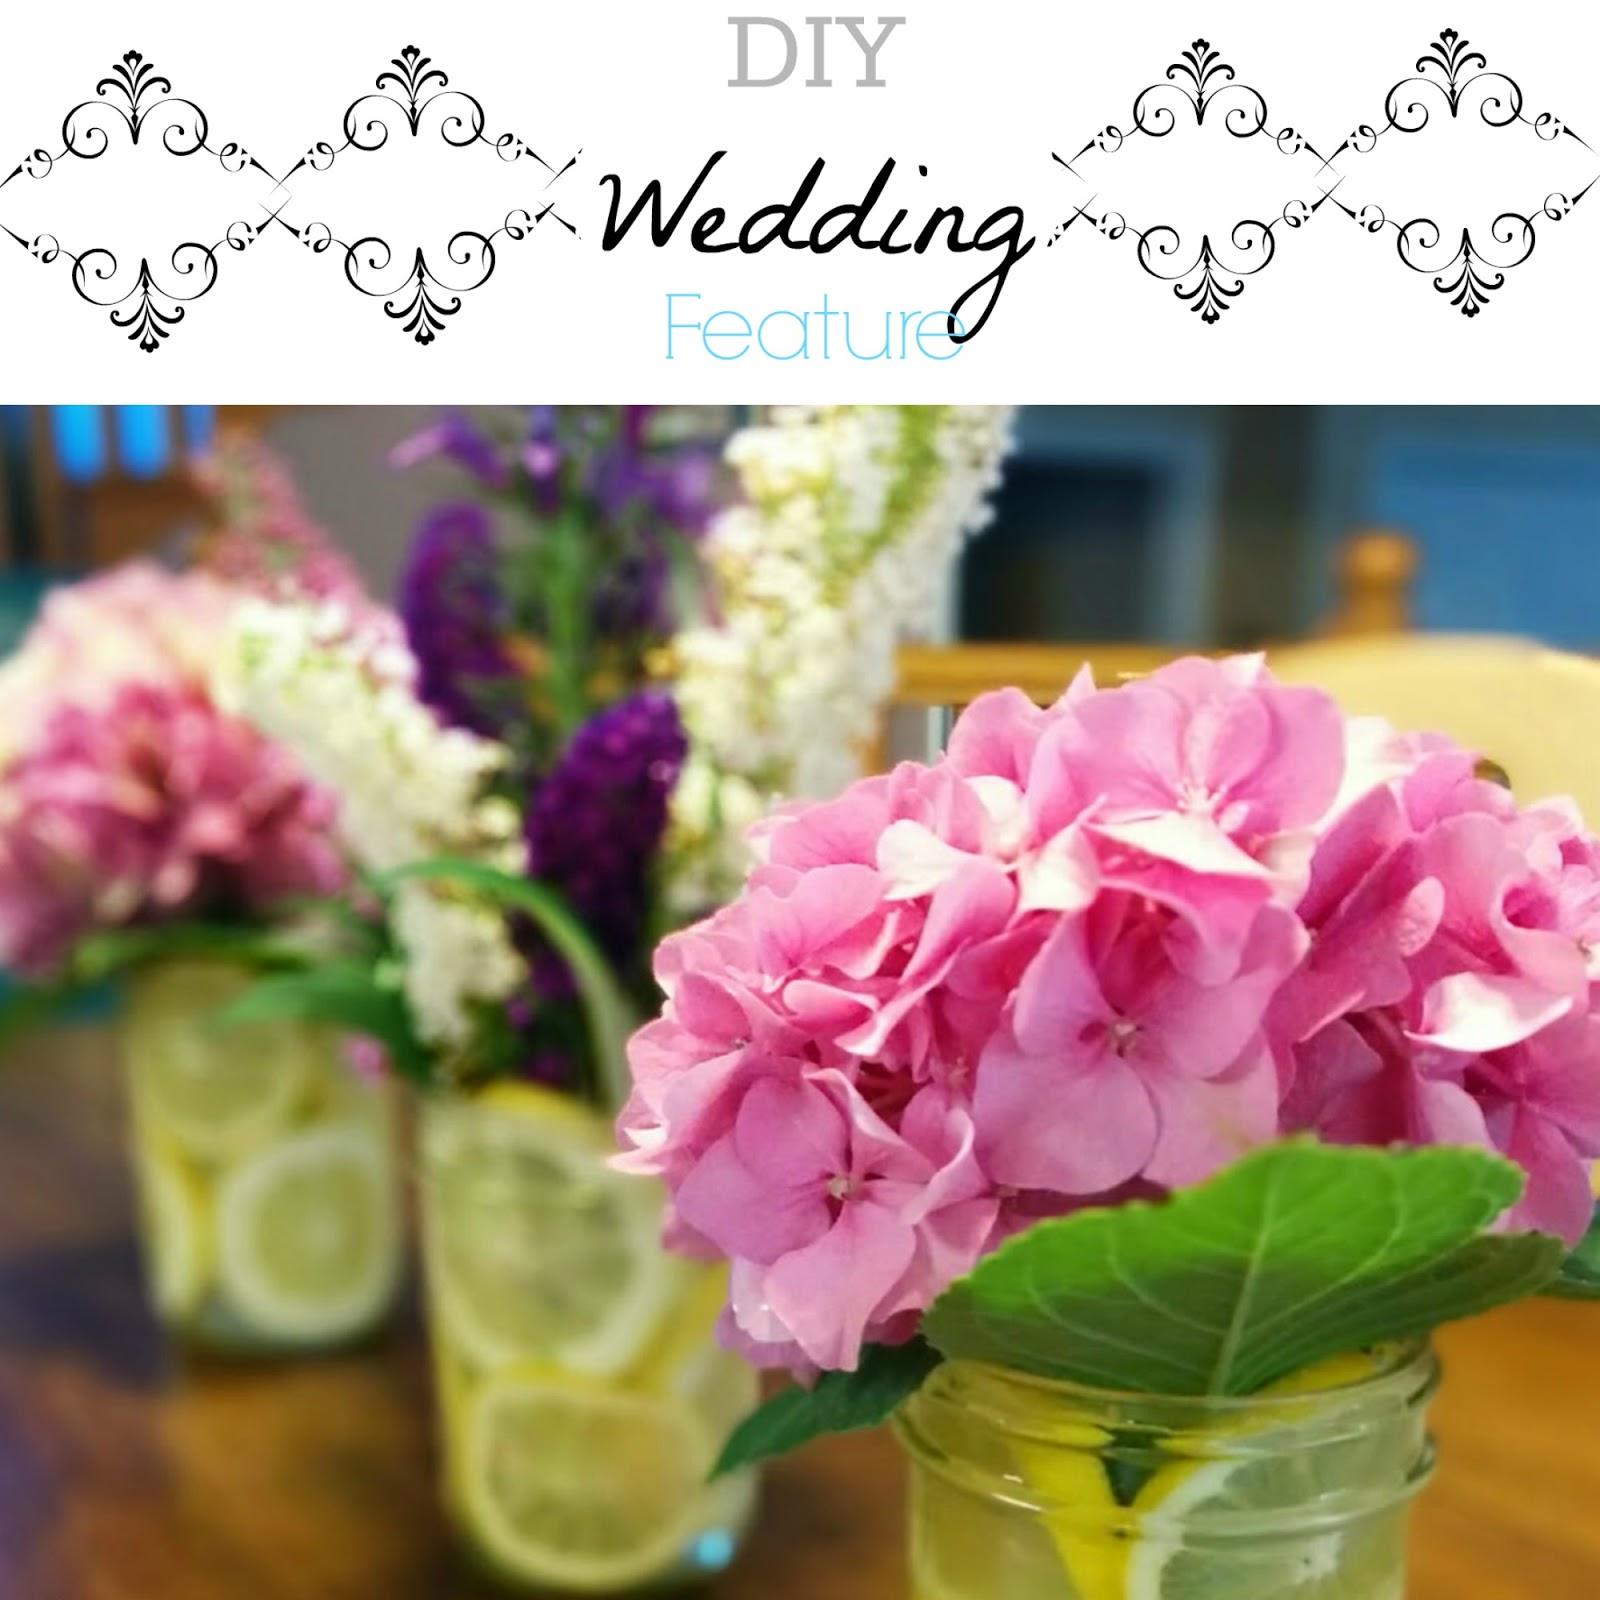 DIY Wedding Feature - Summer Centerpiece - City of Creative Dreams